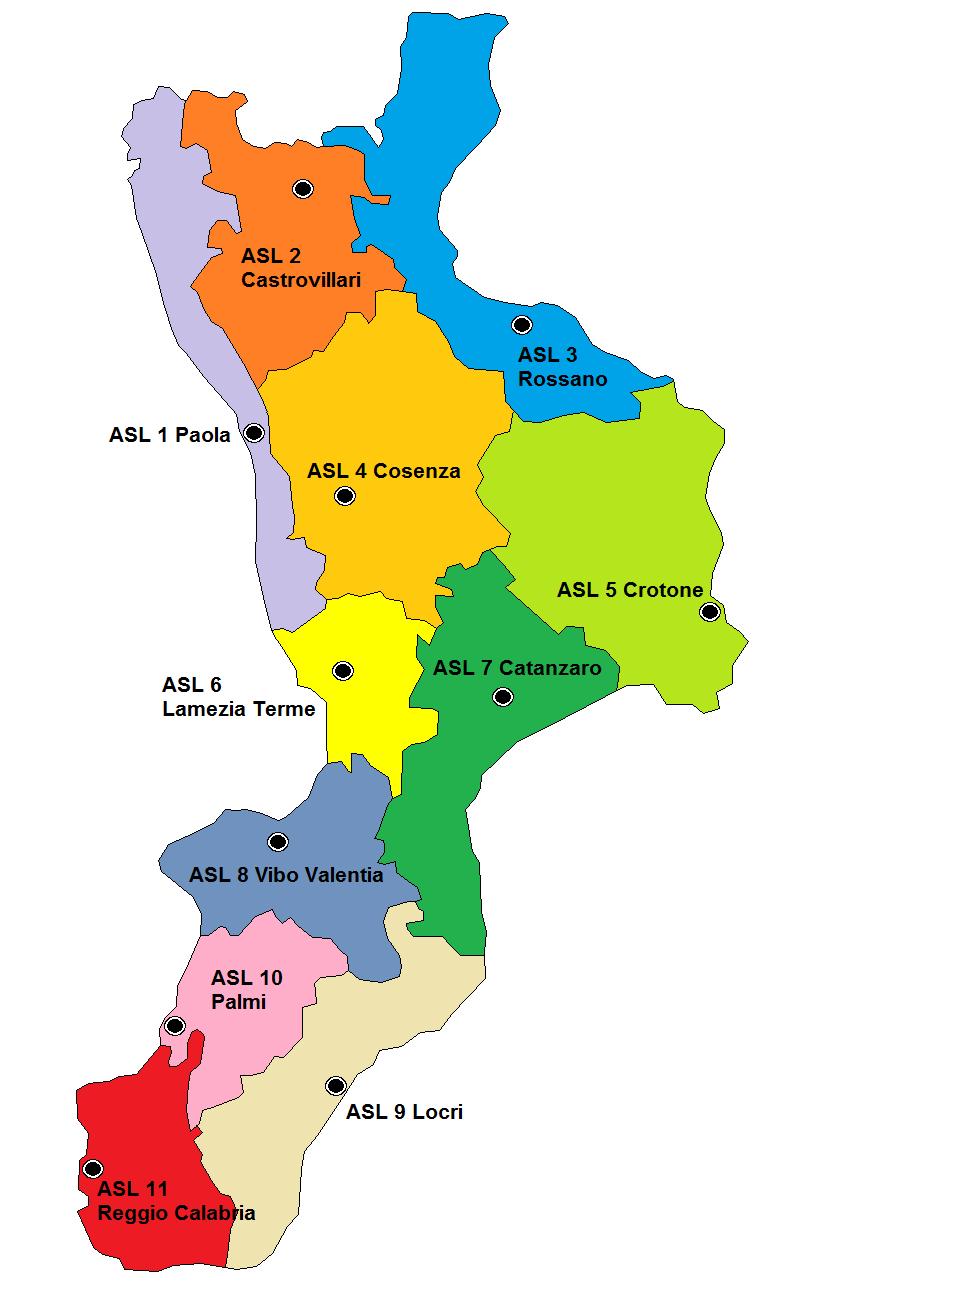 Cartina Geografica Della Calabria Fisica.File Asl Calabria 2007 Png Wikipedia